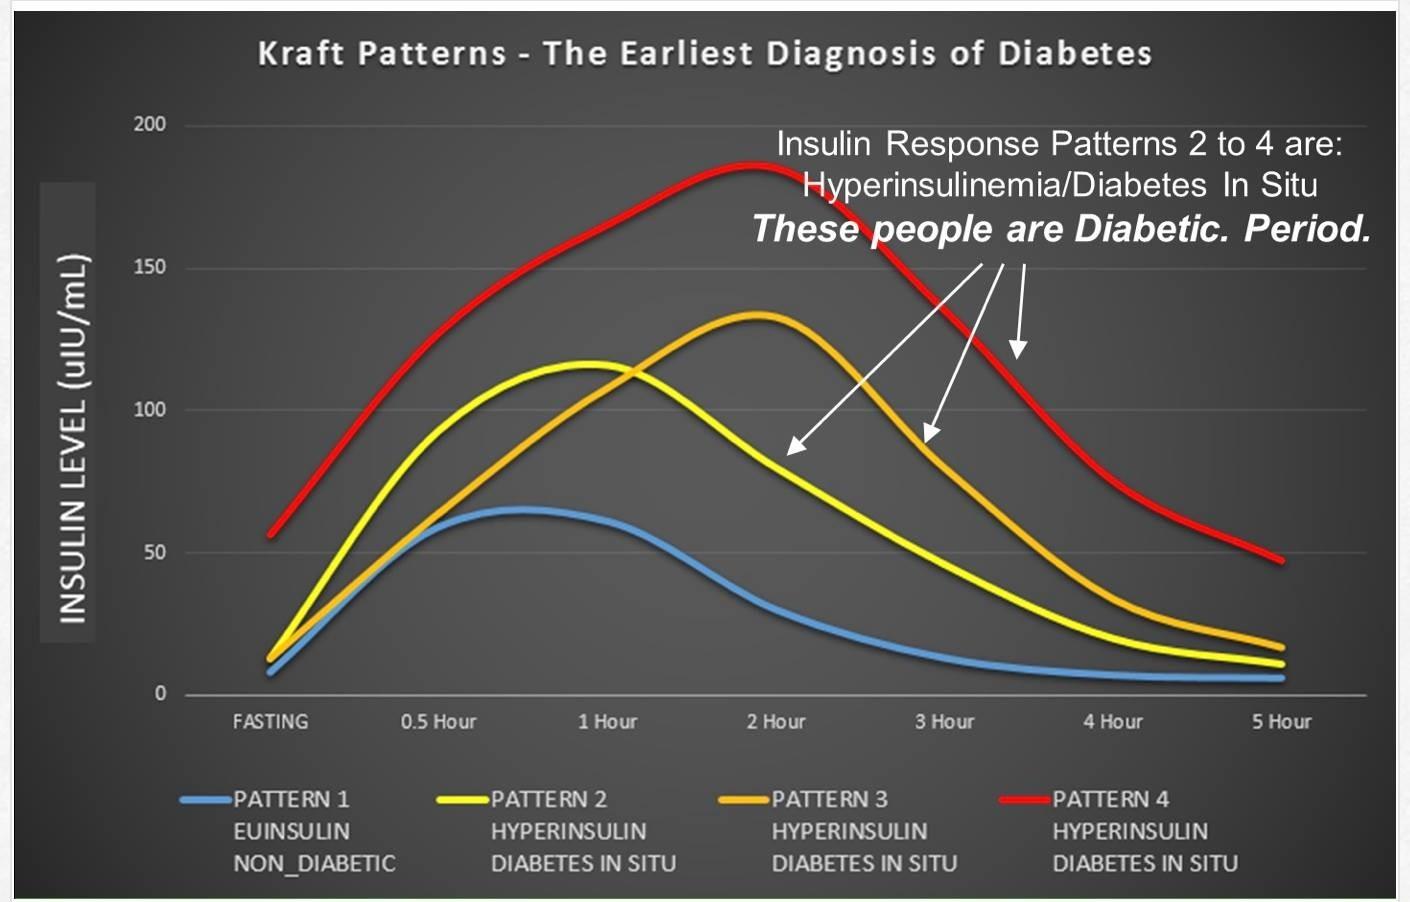 Изменение инсулина при диабете - график